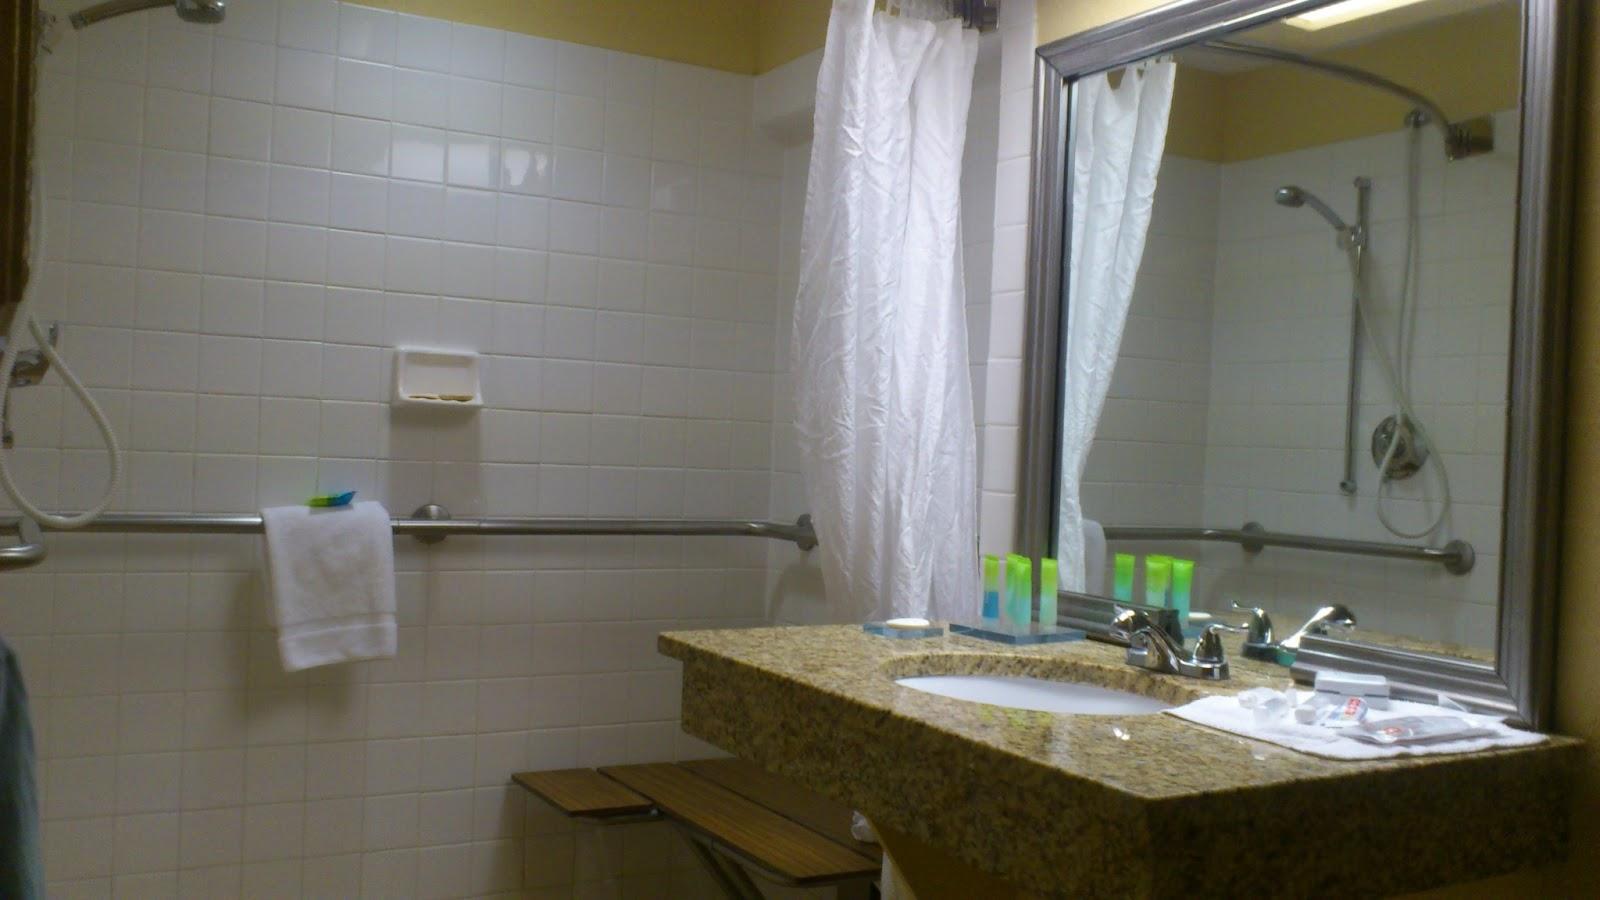 Banheiro bem adaptado mas o banco é de madeira #332D16 1600x900 Banheiro Adaptado Com Chuveiro